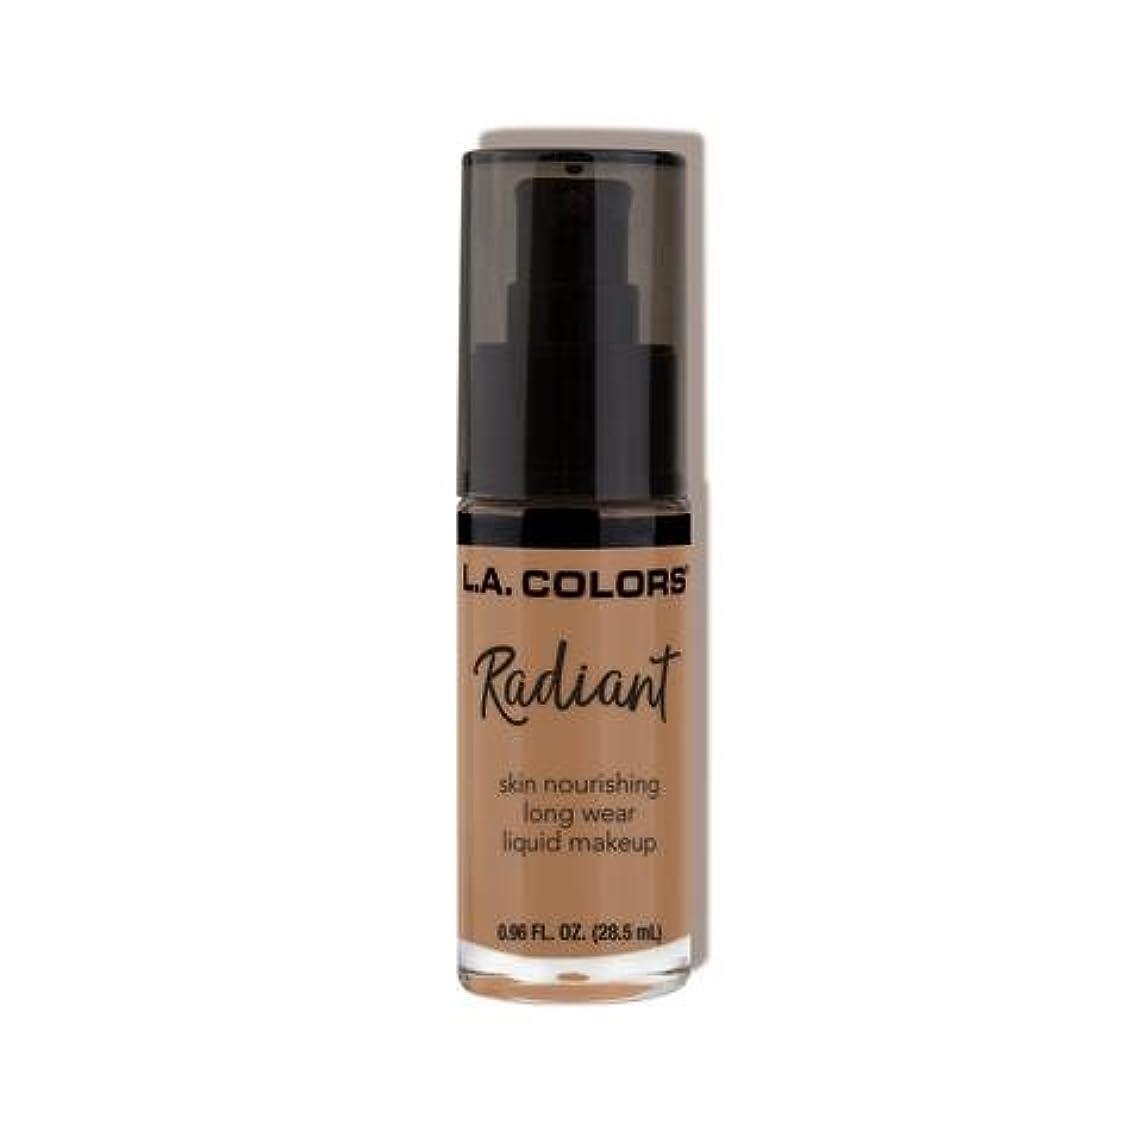 淡い重くするなす(3 Pack) L.A. COLORS Radiant Liquid Makeup - Creamy Cafe (並行輸入品)